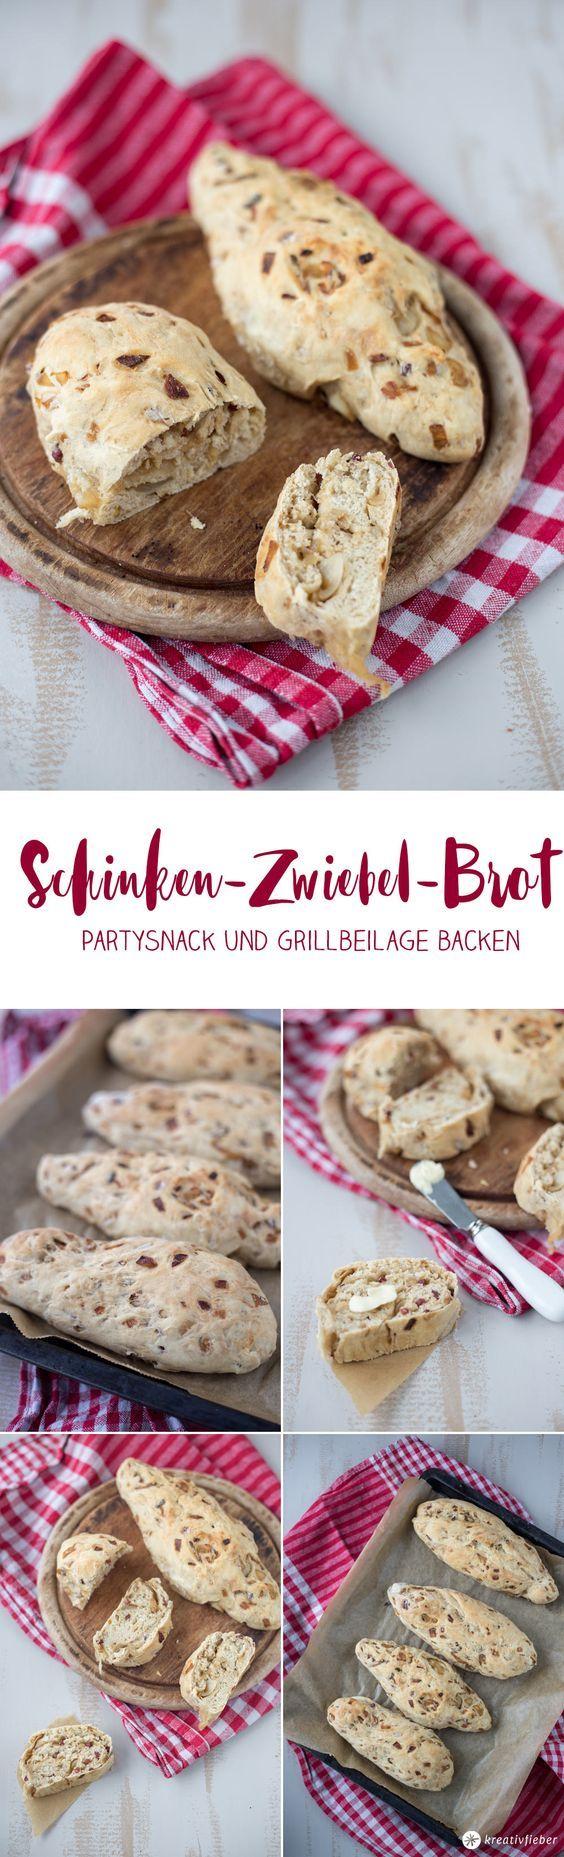 Zwiebel-Schinken-Brot backen - Partysnack oder Grillbeilage backen